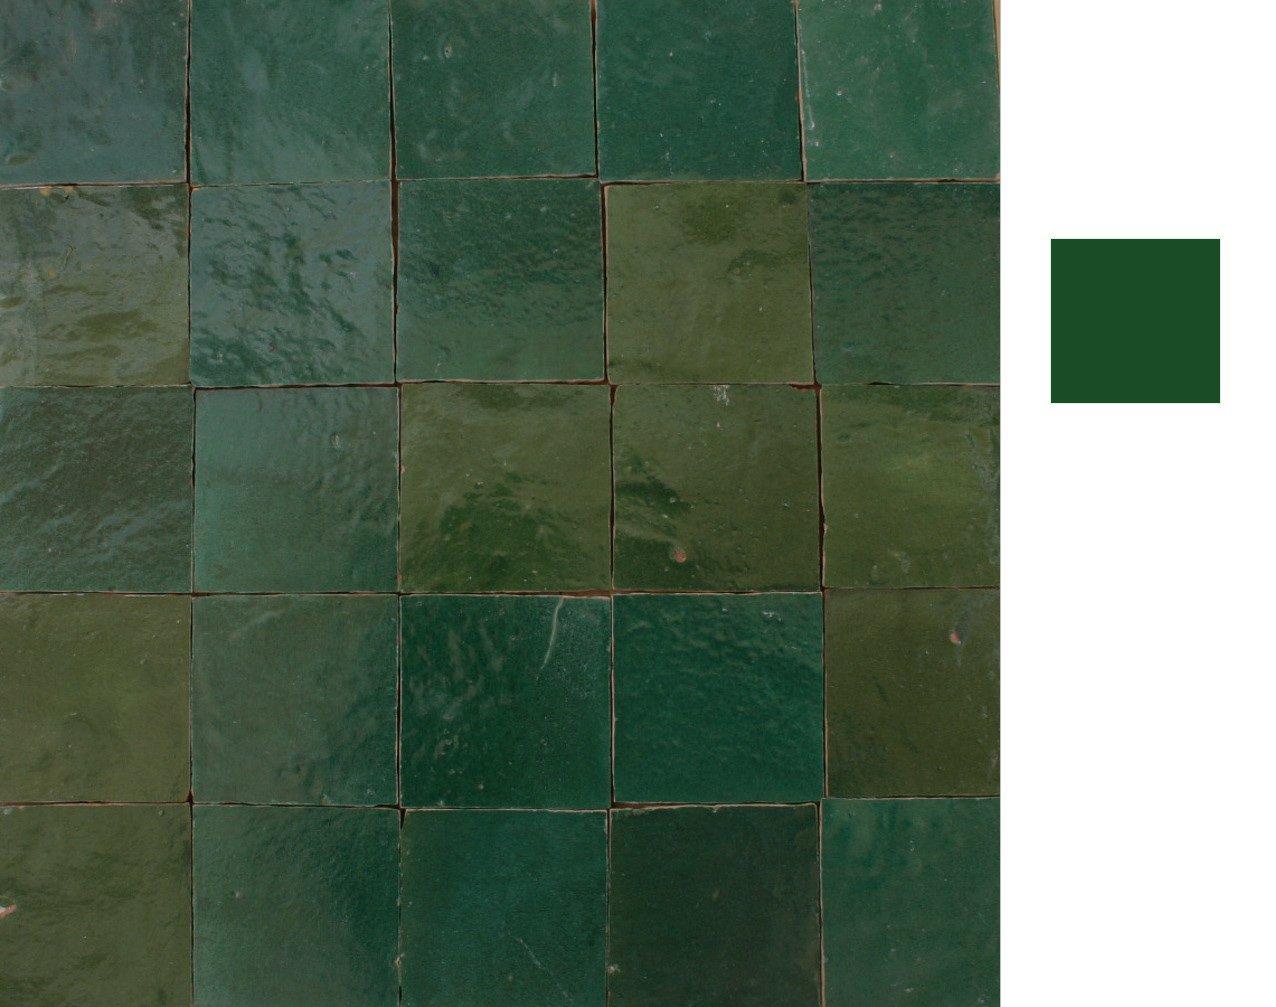 M² piastrelle su piastrelle da parete cellulare laterizi